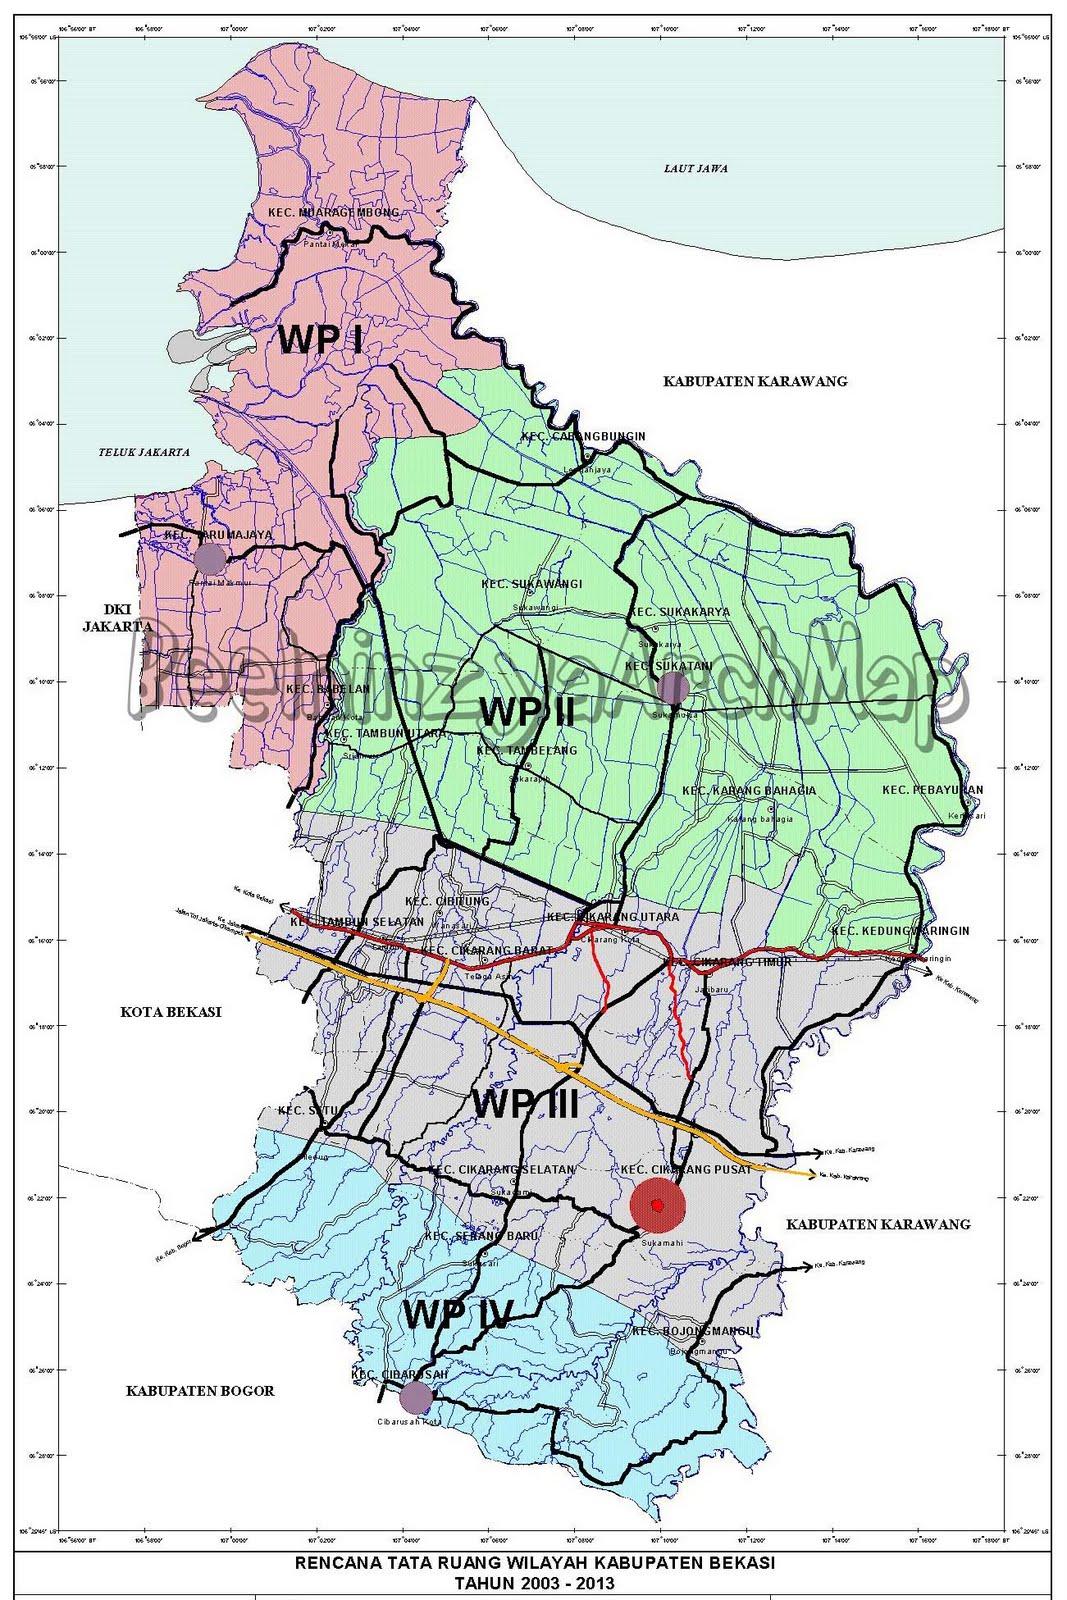 Rencana Tata Ruang Wilayah Kabupaten Bekasi Th. 2003-2013